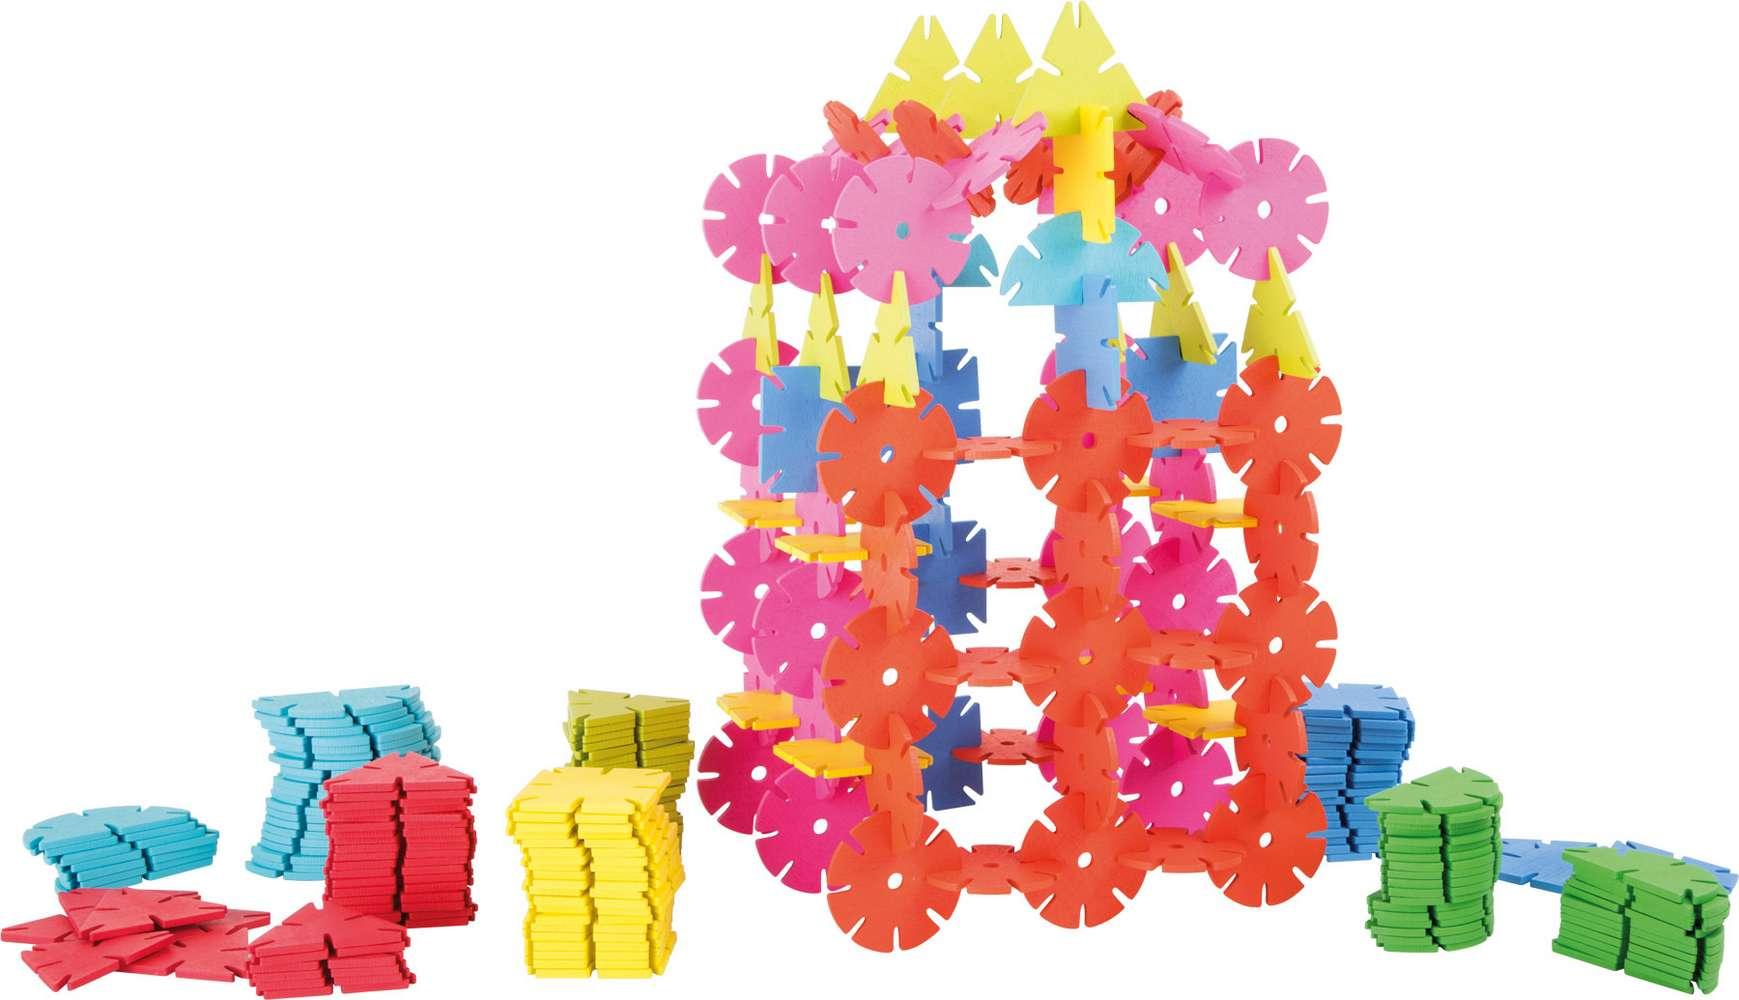 jeu d 39 assemblage 240 pieces jbd jouets en bois. Black Bedroom Furniture Sets. Home Design Ideas